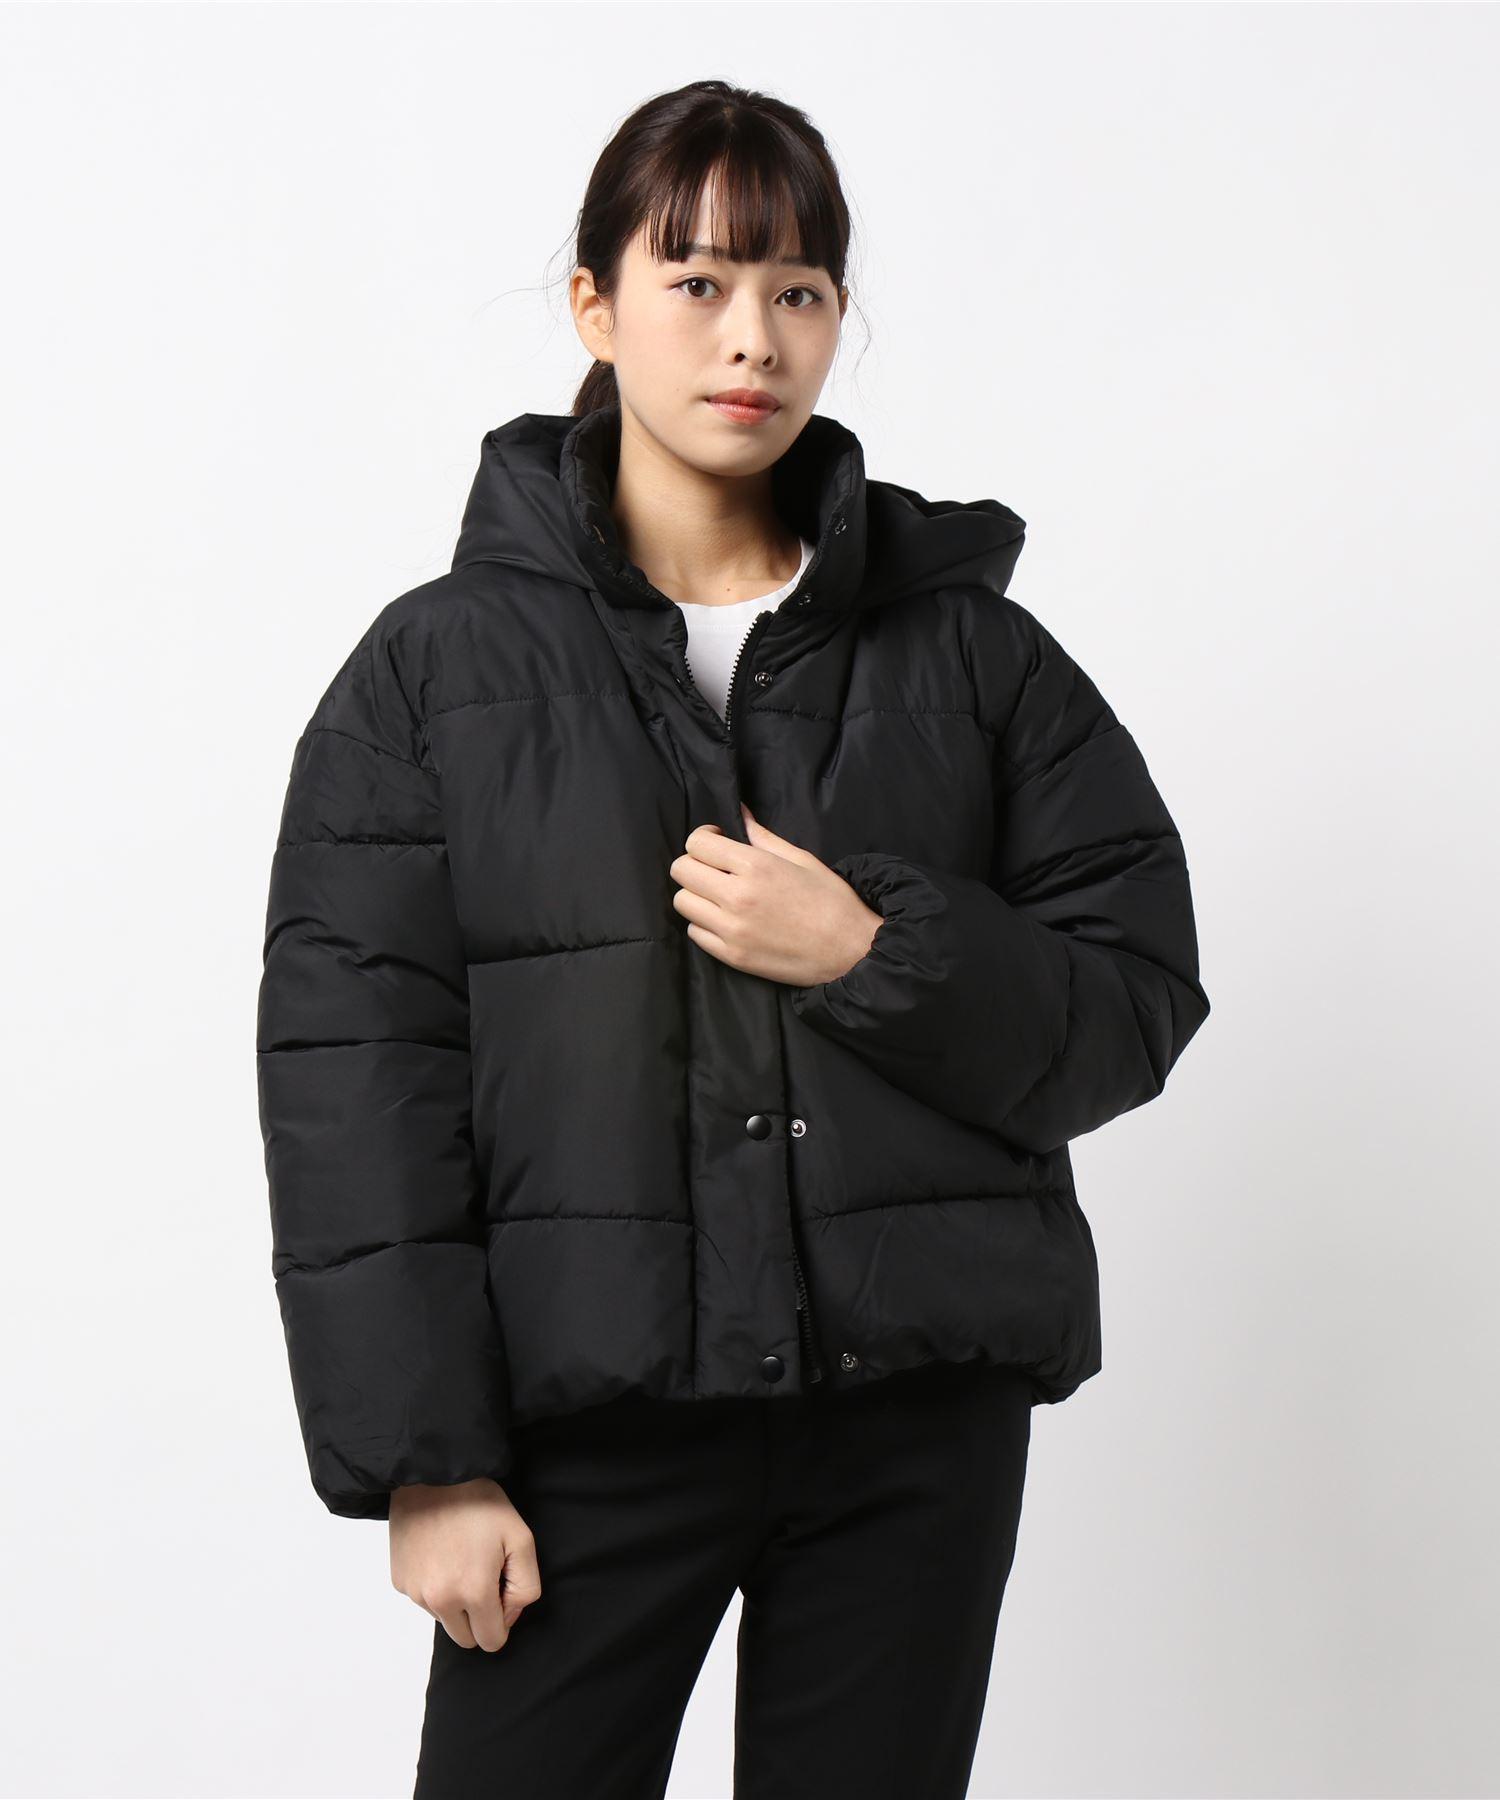 フードフェイクダウンジャケット 軽量で暖かいマイクロタフタの微起毛素材とファイバーダウン使用